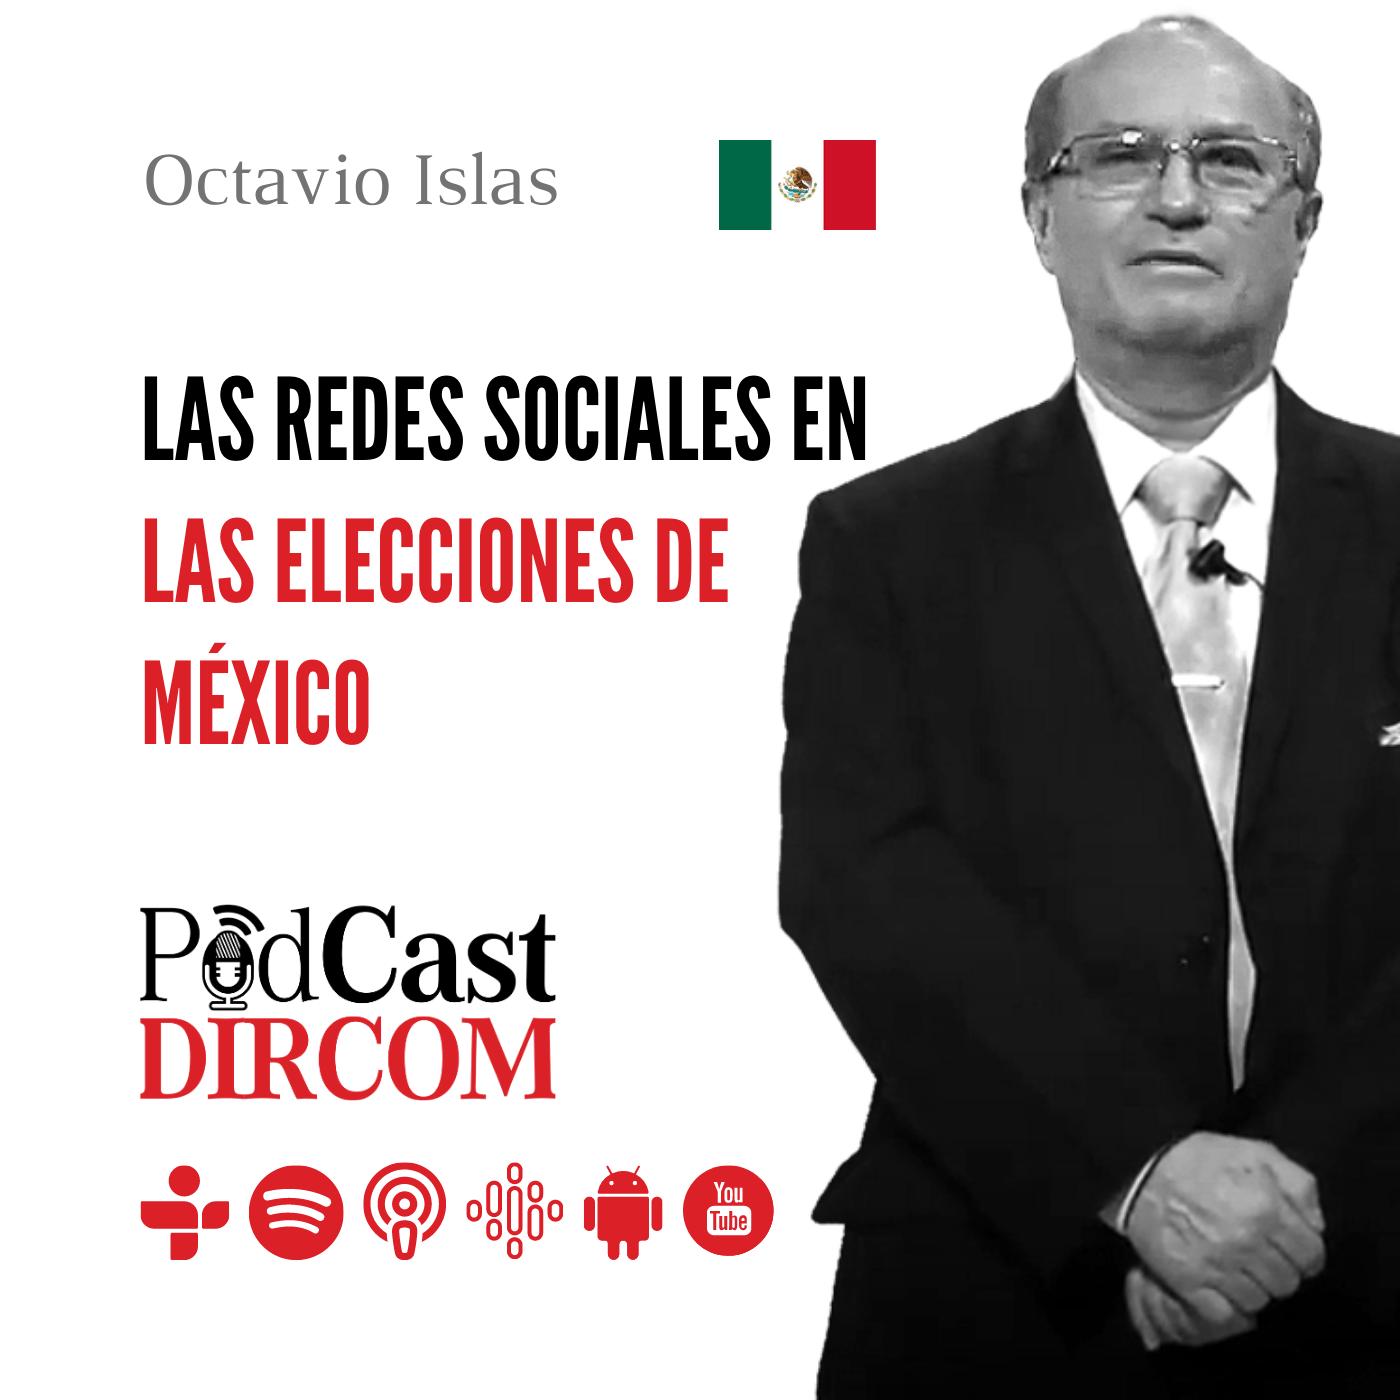 Las redes sociales en las elecciones de México